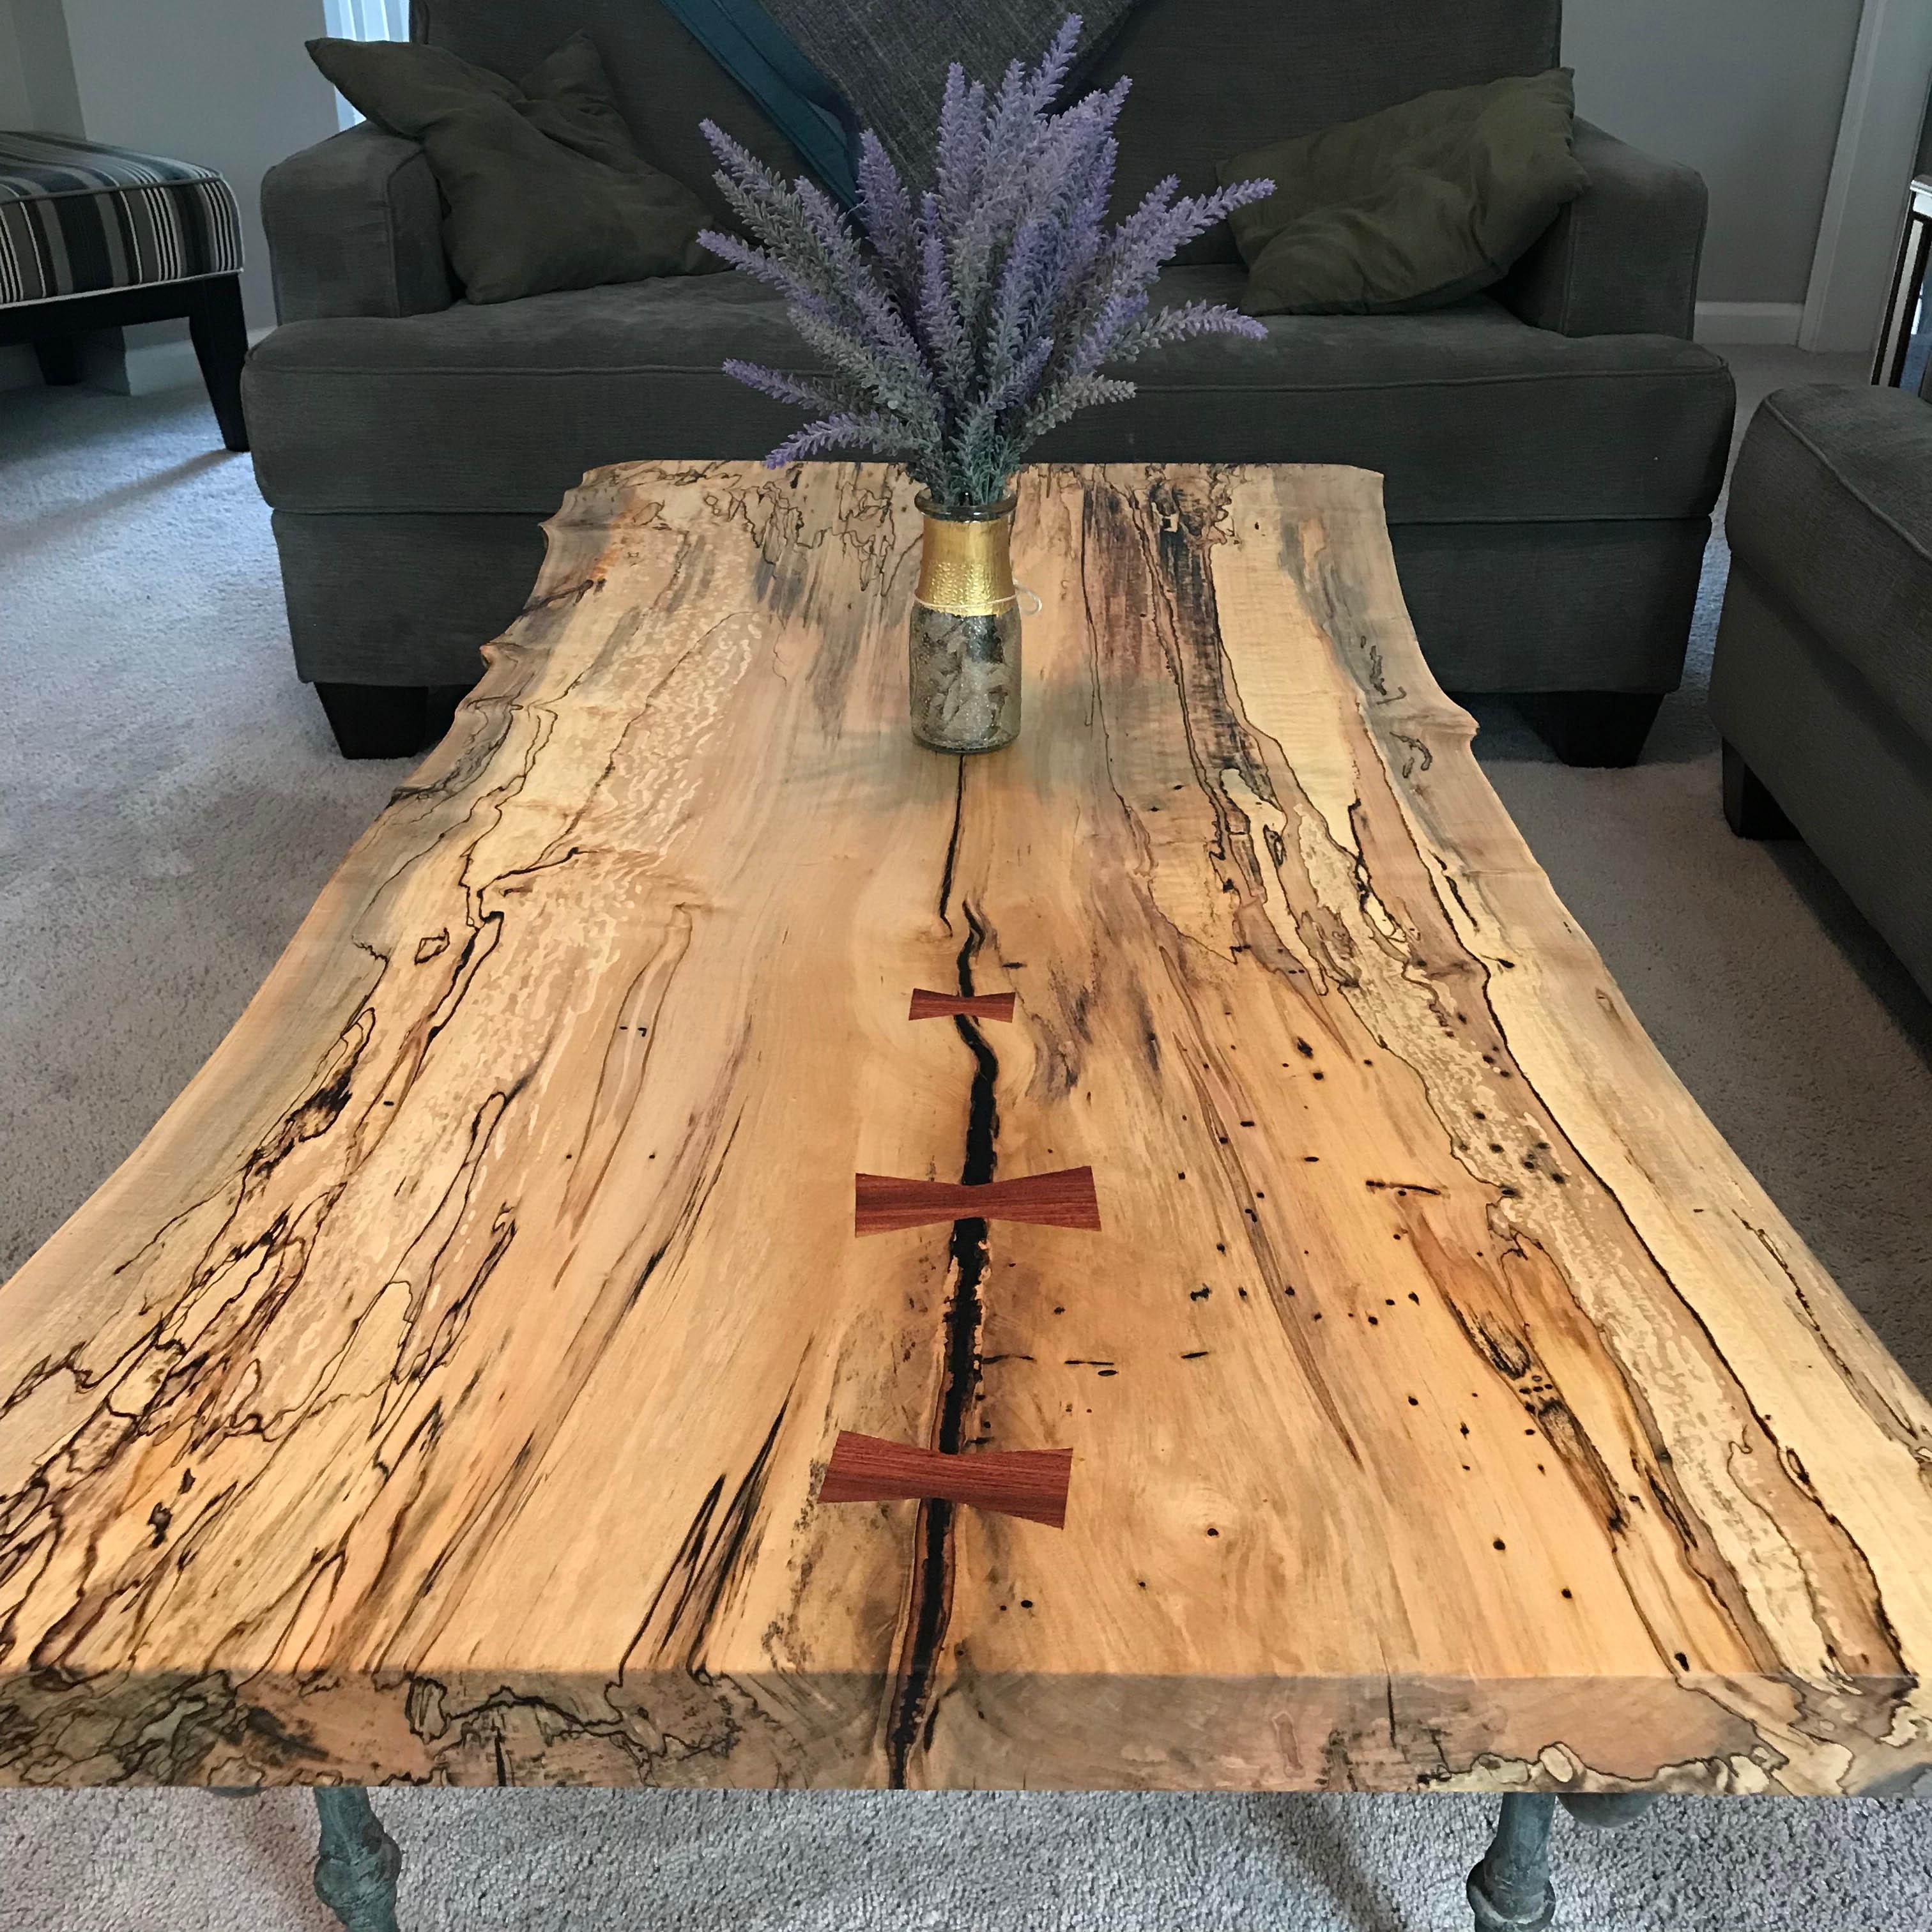 Inspiración DIY: personaliza el sobre de mesa con una incrustación en madera o metal